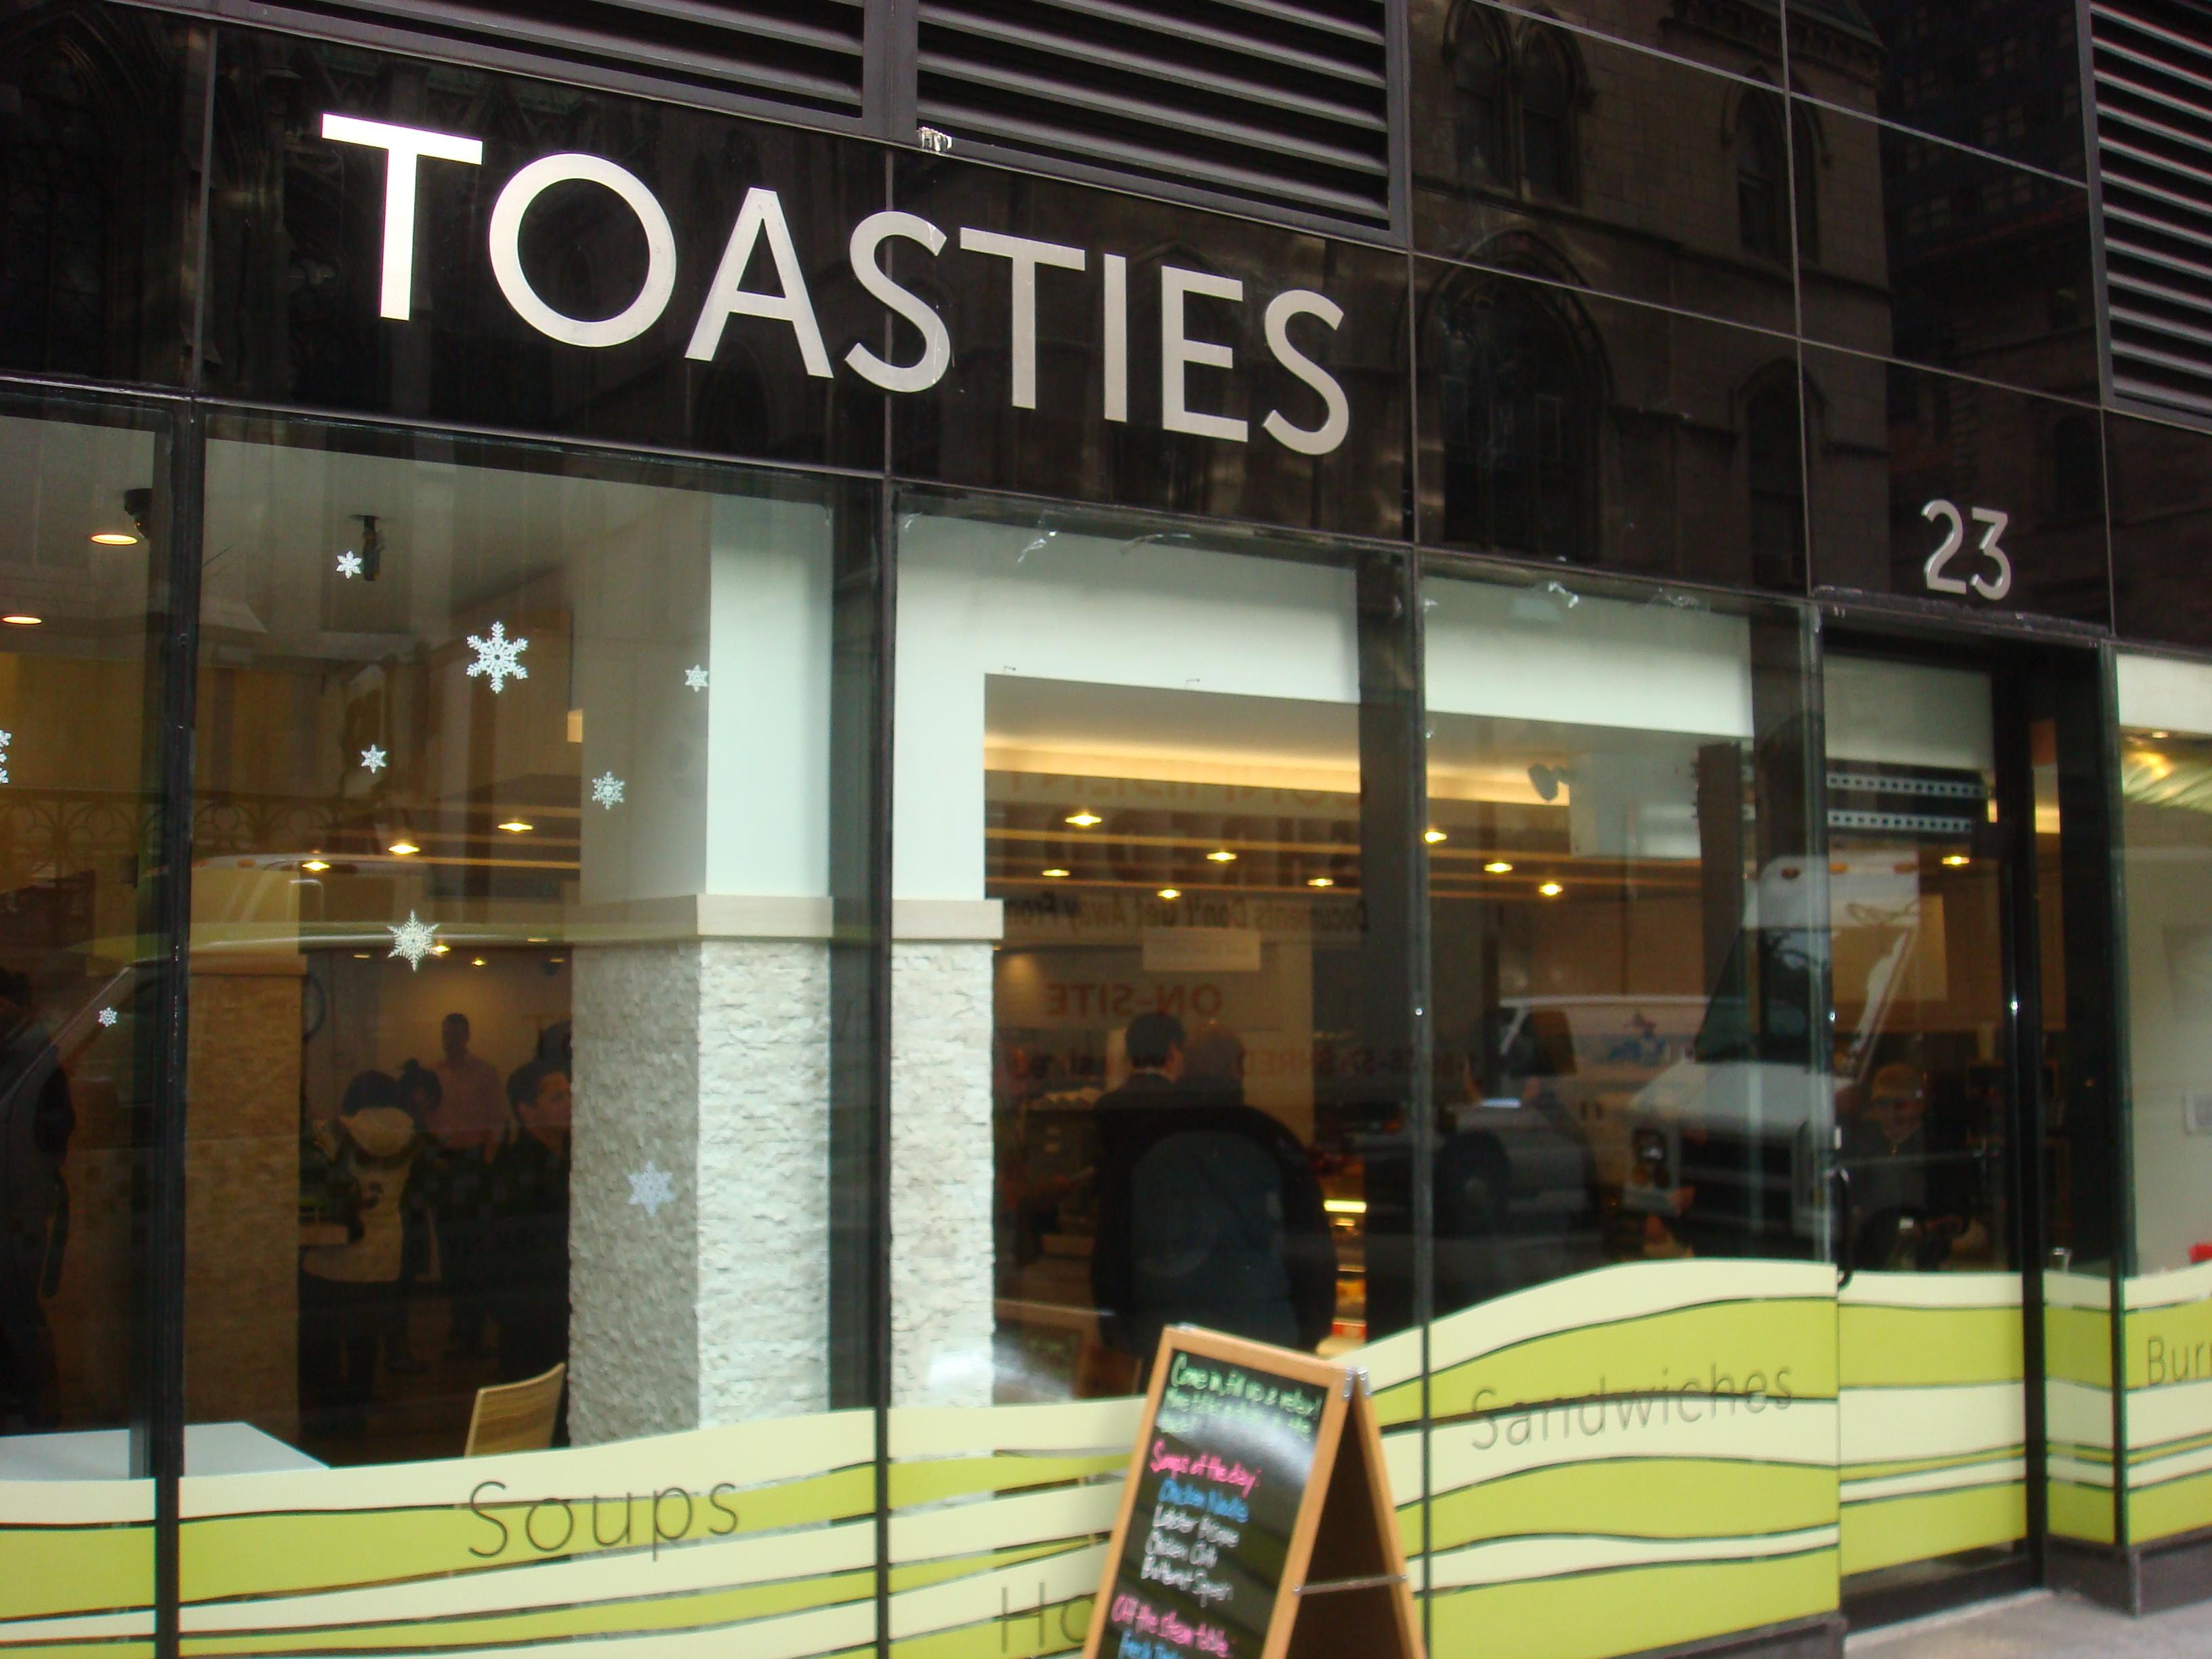 Toasties East at 48